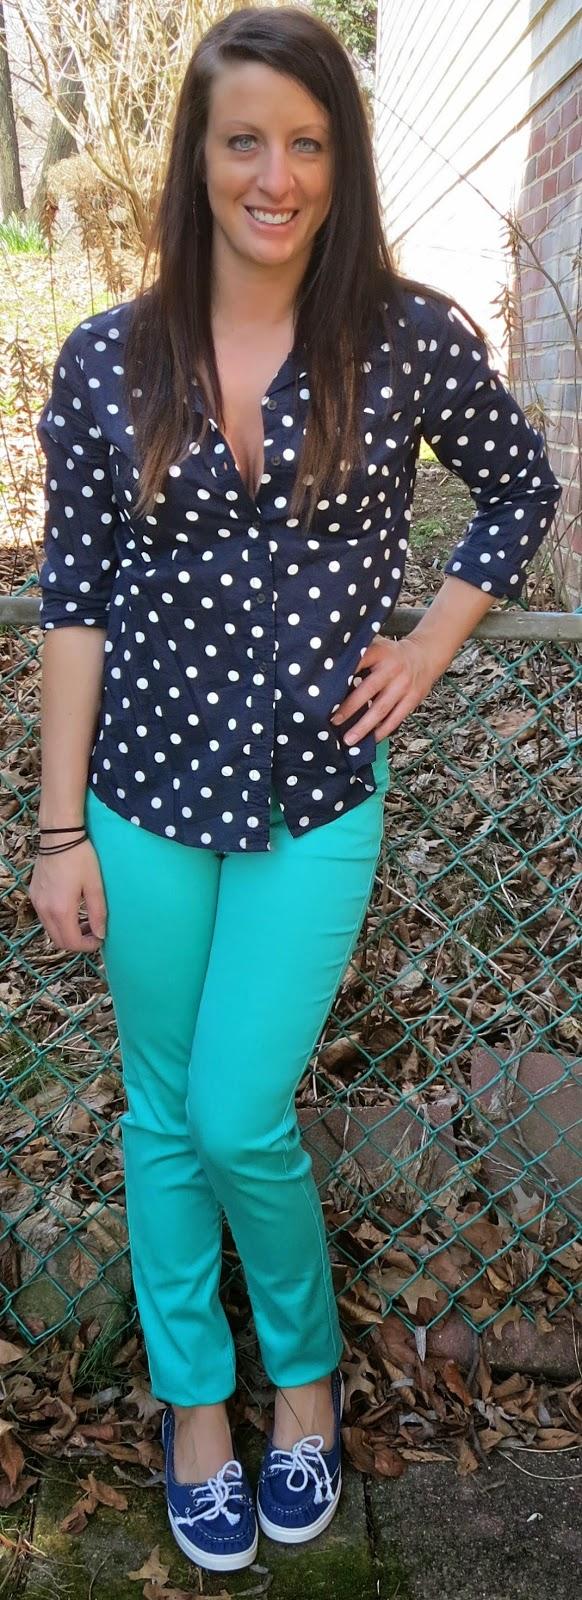 polka dot blouse, mint pants, target, fashion, outfit